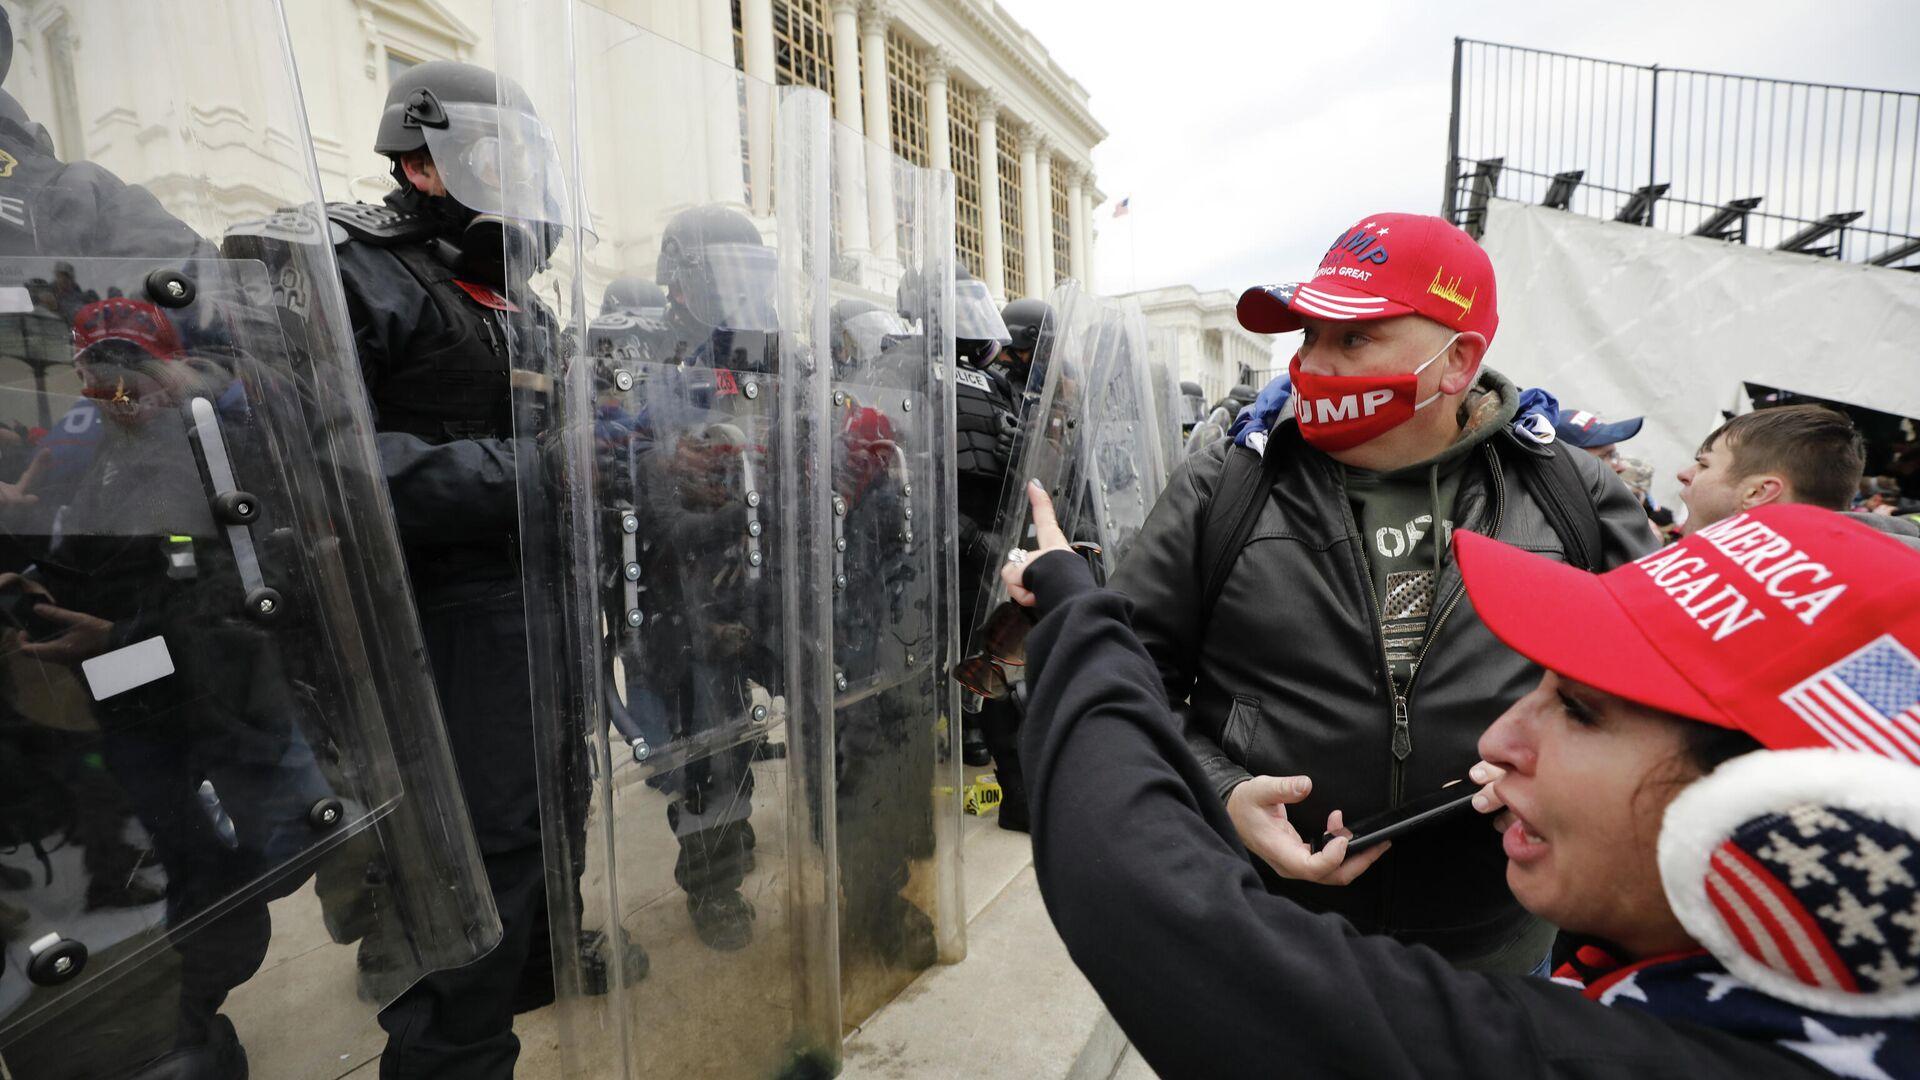 Сотрудники полиции и участники акции протеста сторонников действующего президента США Дональда Трампа у здания конгресса в Вашингтоне - РИА Новости, 1920, 04.02.2021